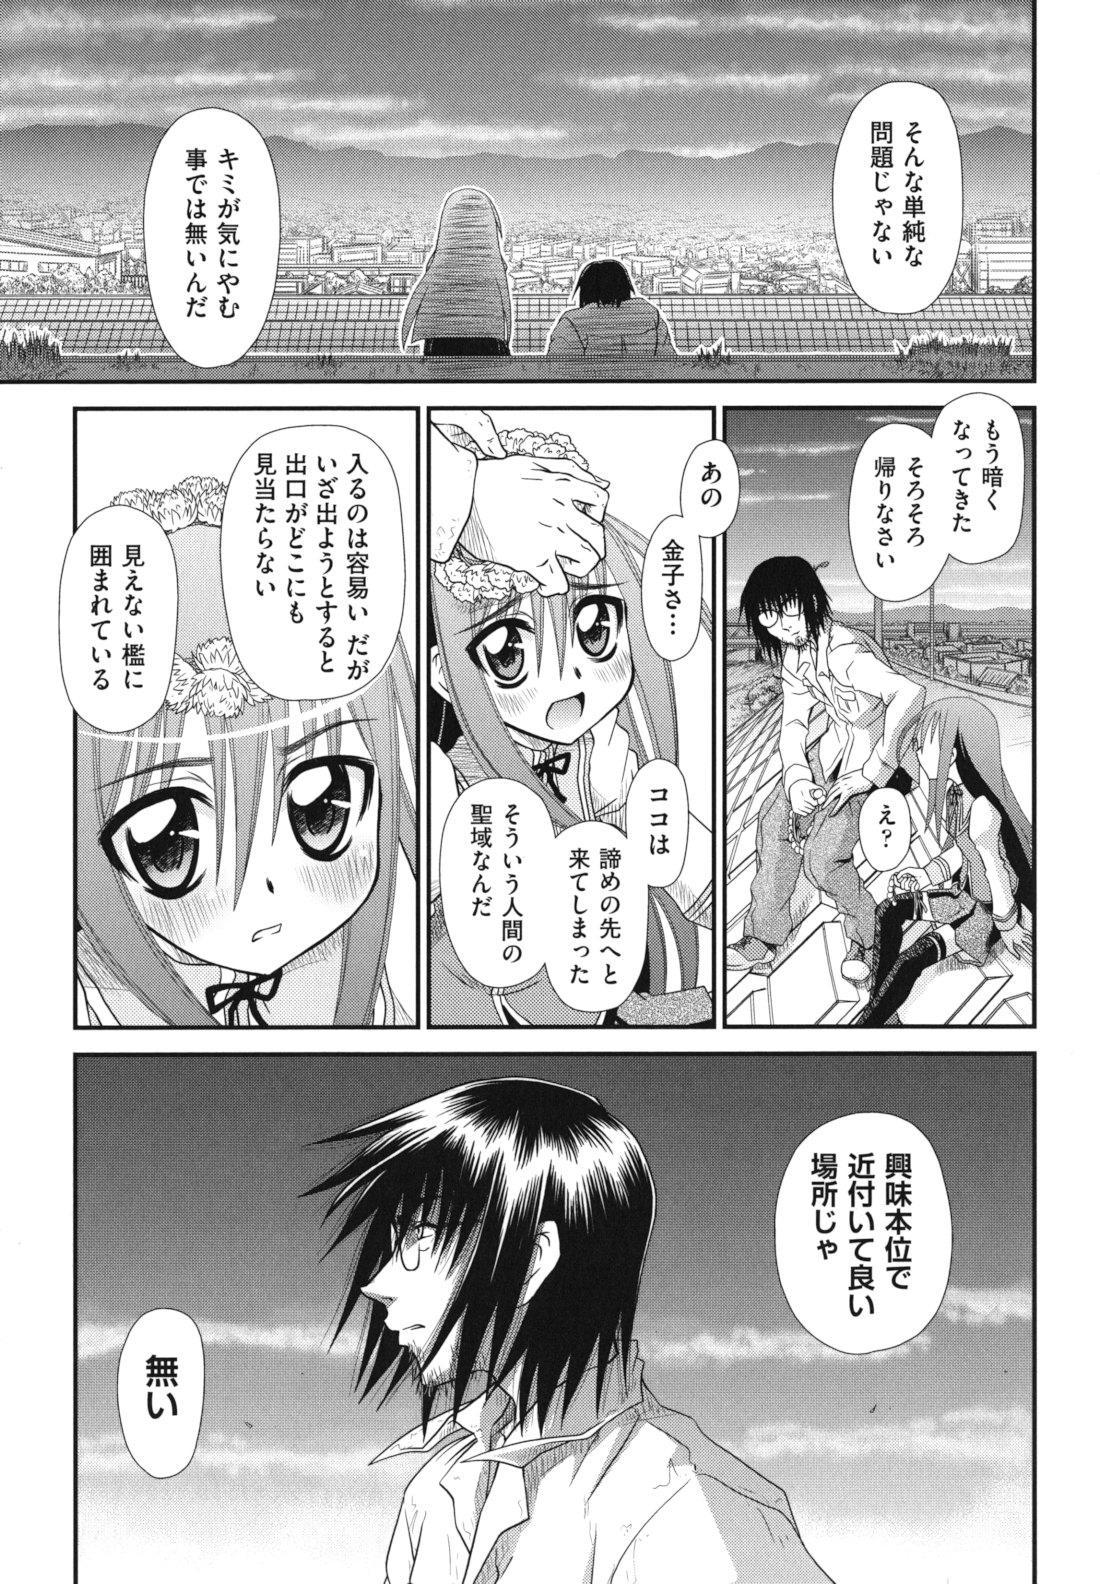 Twintail de Kneesocks no Onnanoko tachi ga Kyakkya de Ufufu♥ 147